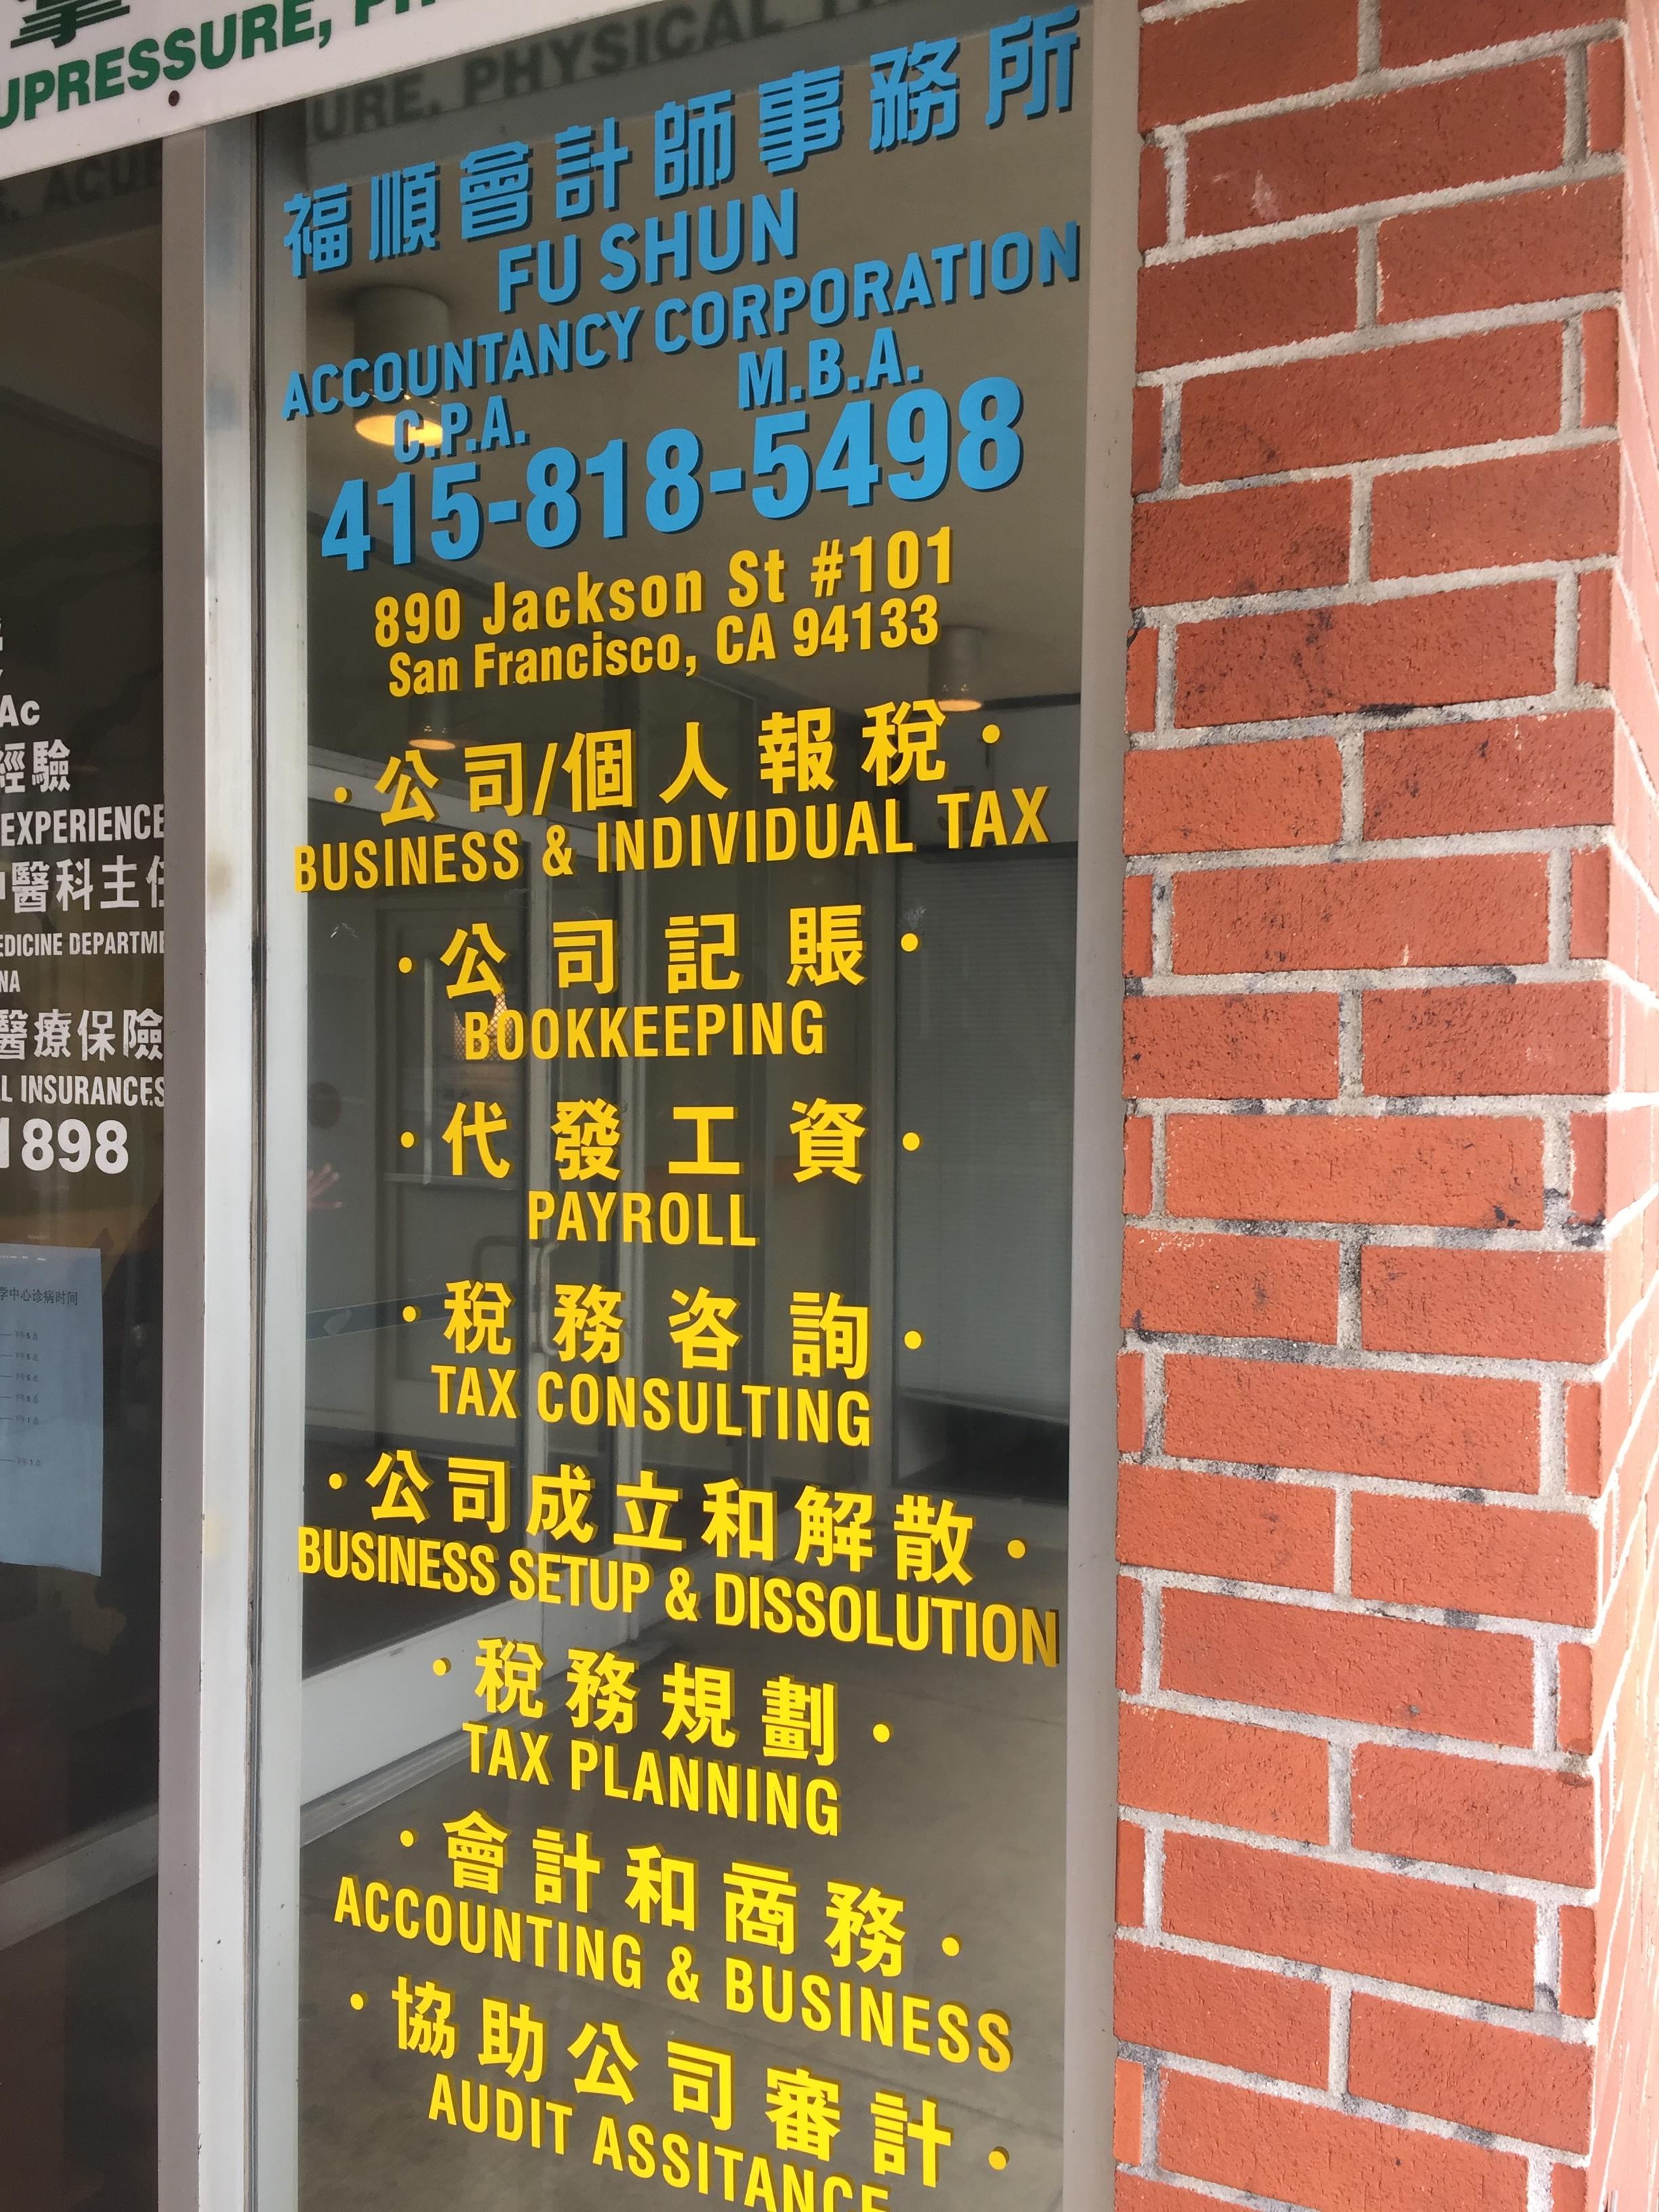 Fu Shun Accountancy